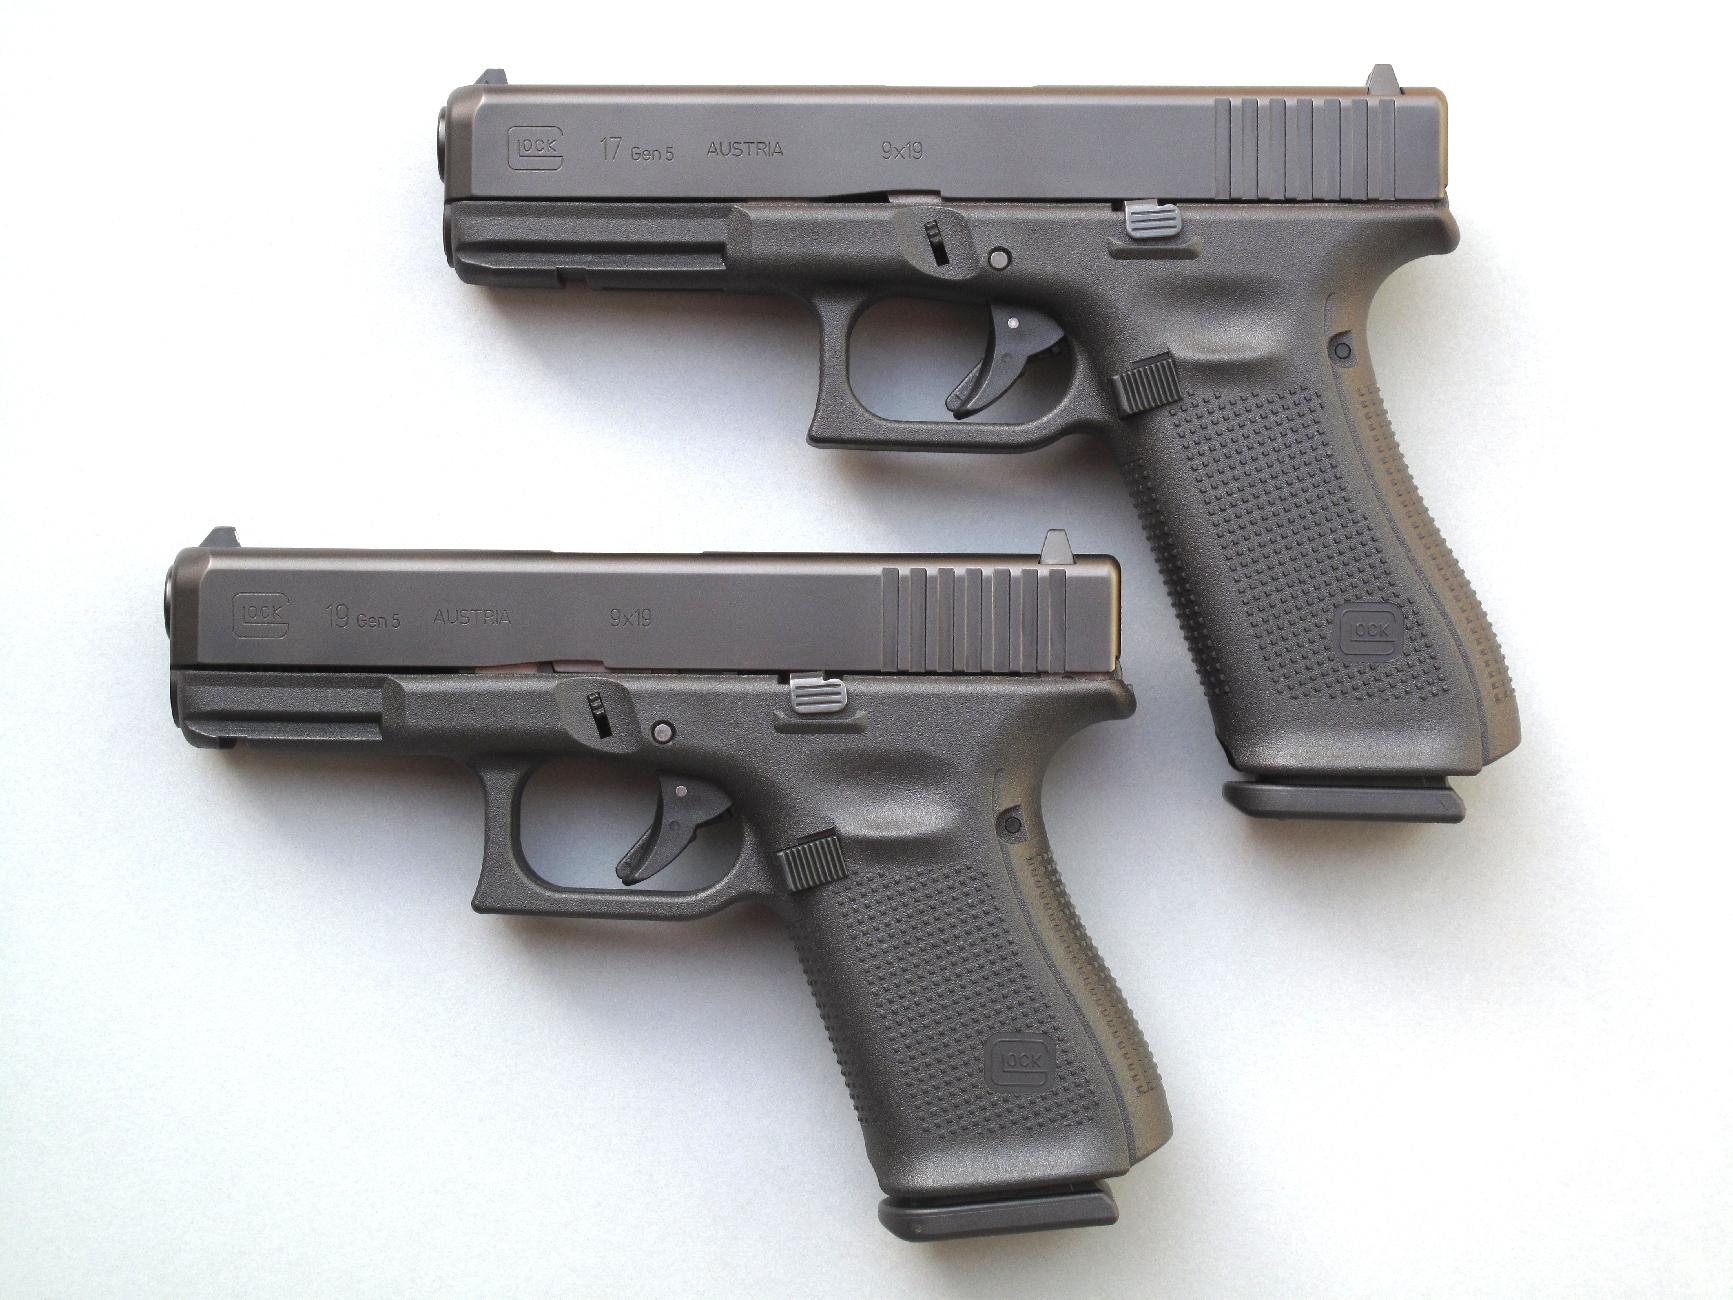 Voici les nouveaux modèles de la firme autrichienne, le Glock 17 Gen5 (au-dessus) et le Glock 19 Gen 5, tous deux chambrés en calibre 9 mm Parabellum.